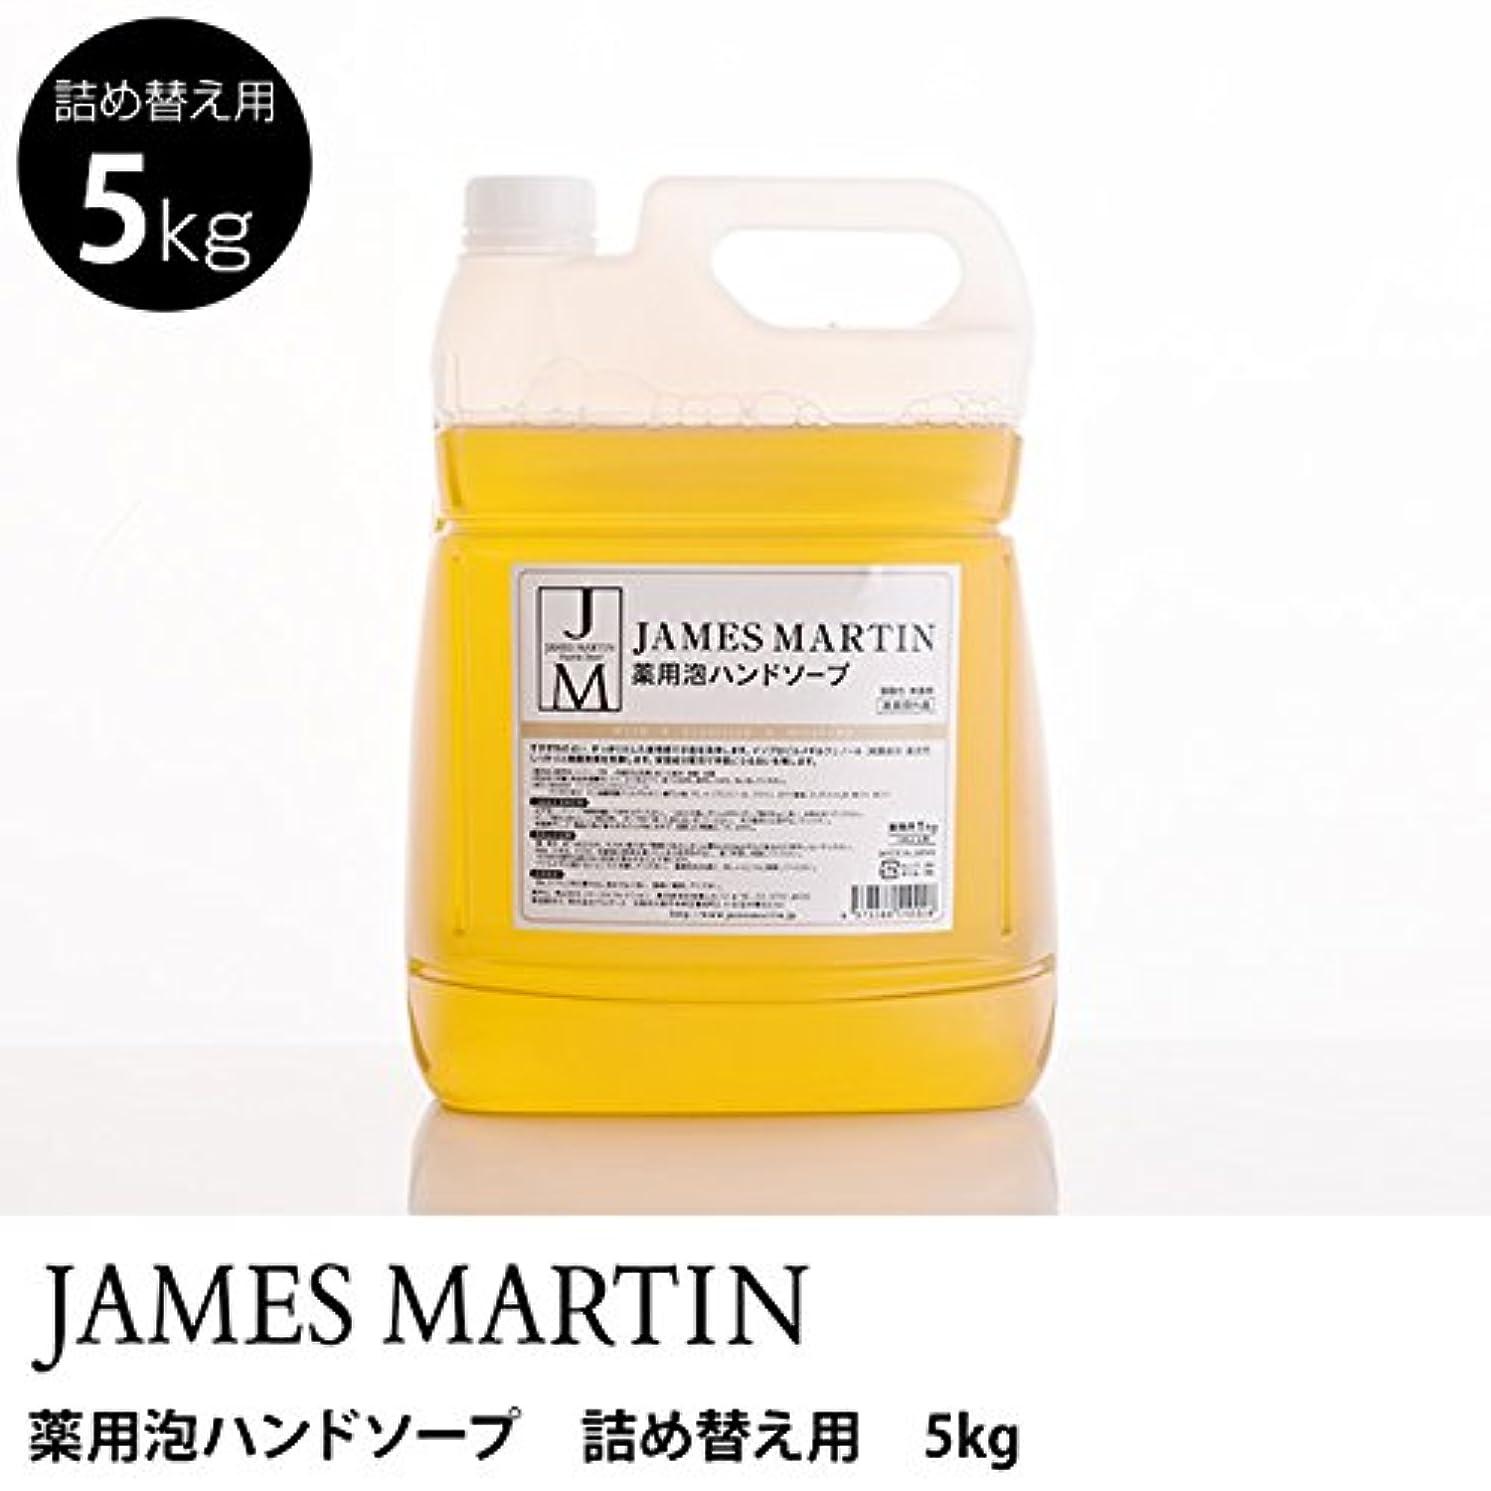 目指すうめき声リージェームズマーティン 薬用泡ハンドソープ(無香料) 詰替用 5kg